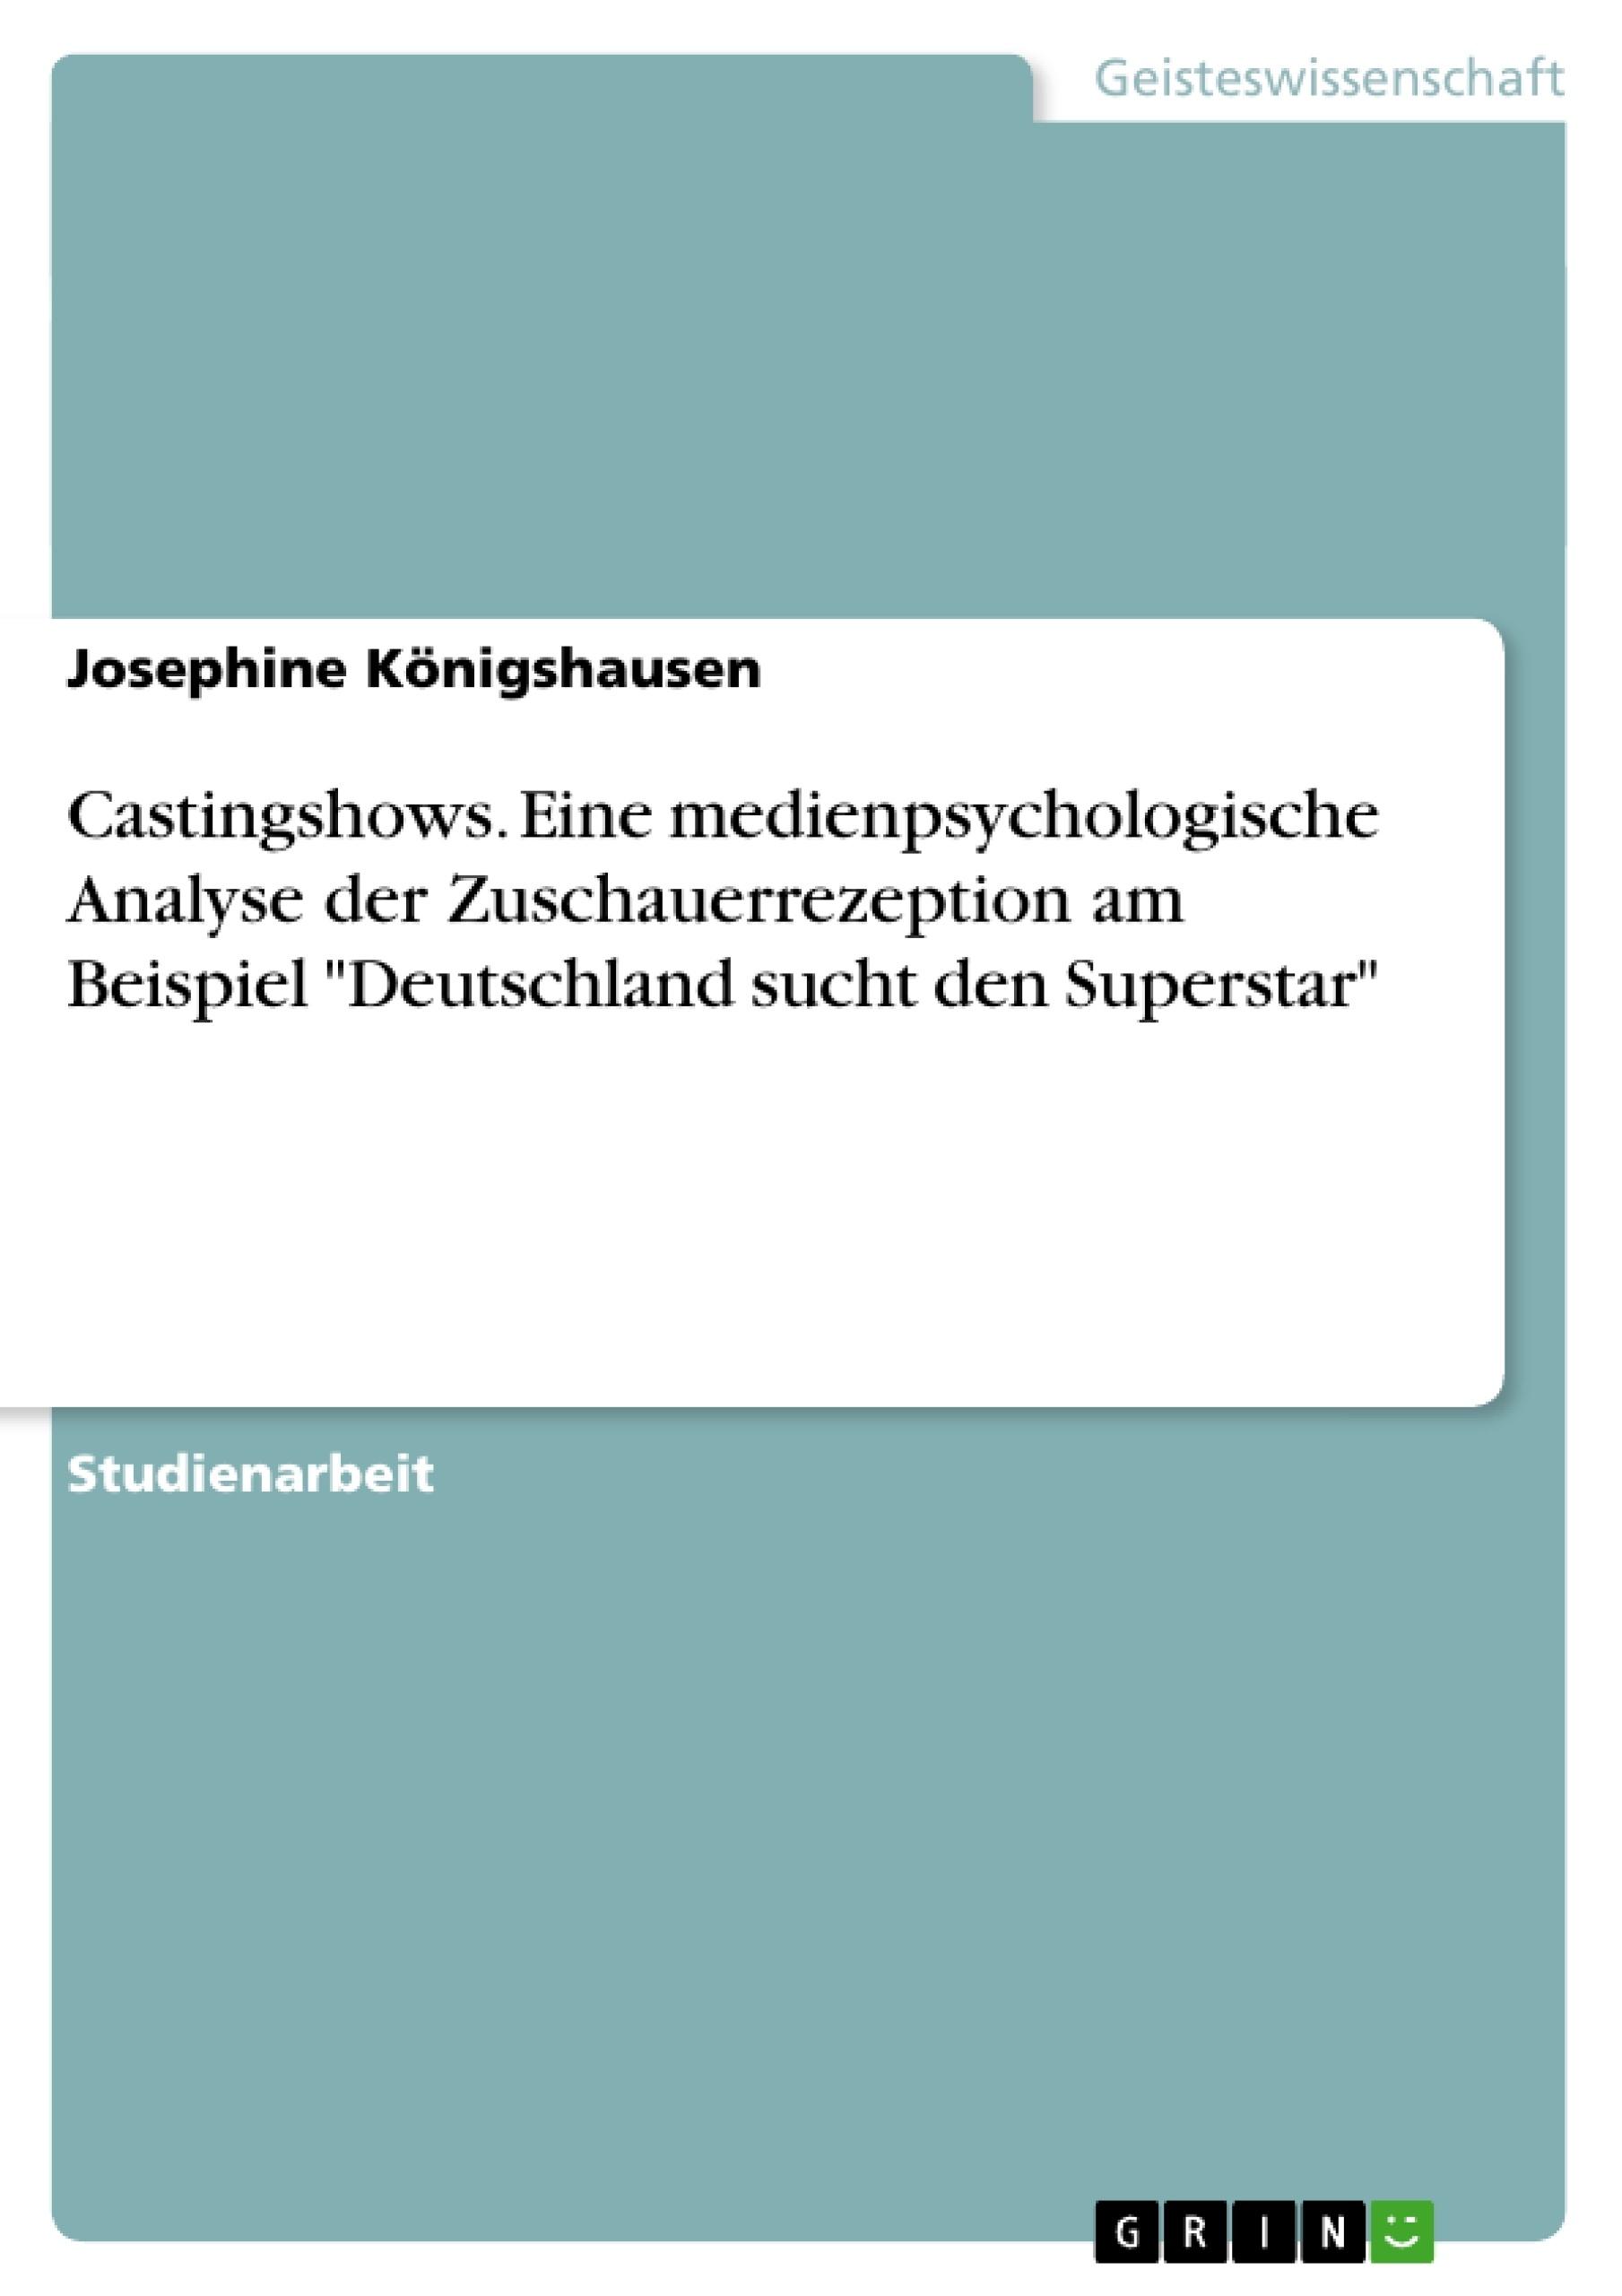 """Titel: Castingshows. Eine medienpsychologische Analyse der Zuschauerrezeption am Beispiel """"Deutschland sucht den Superstar"""""""